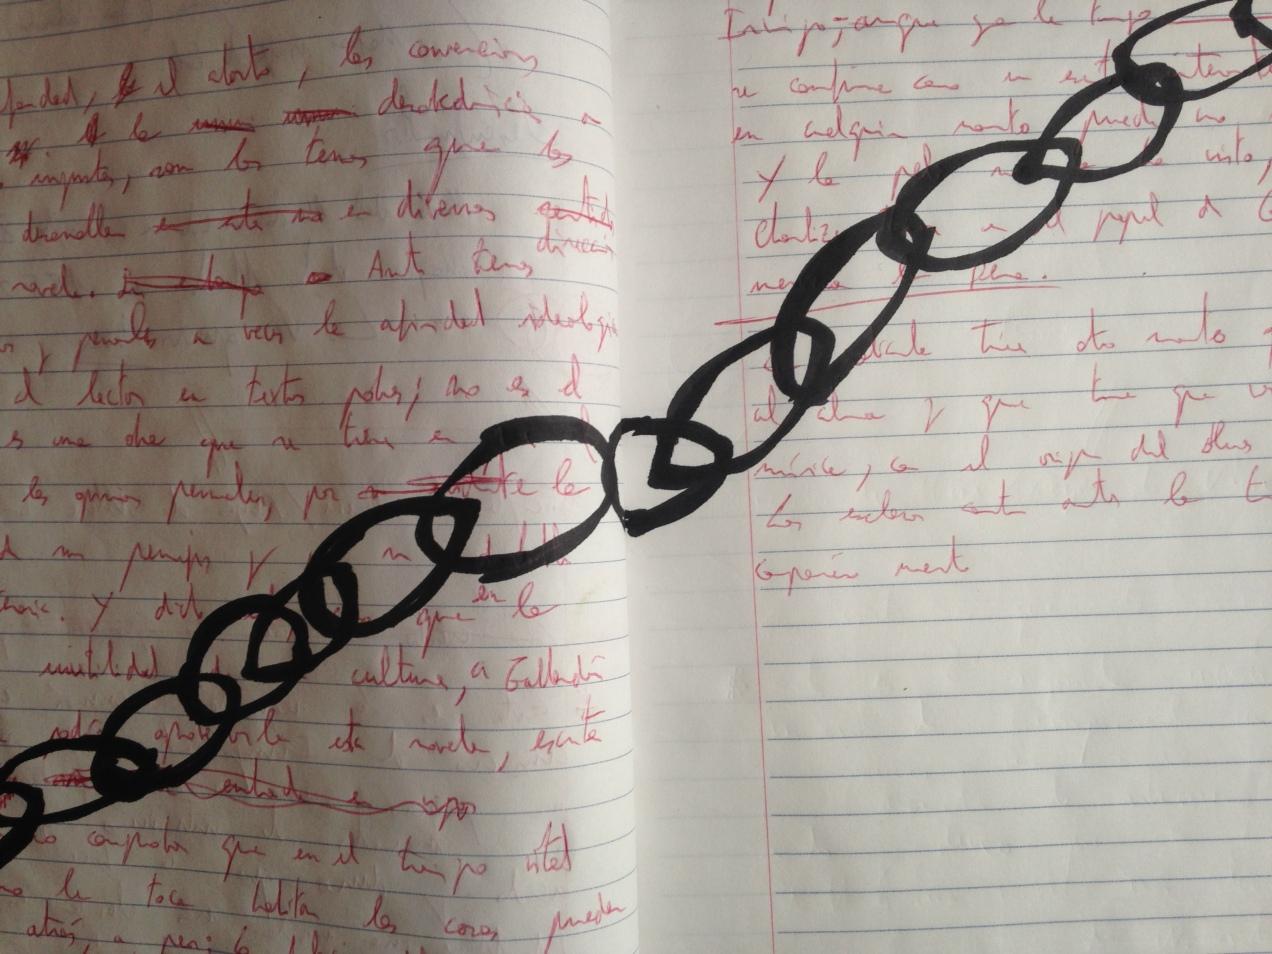 Palabras y cadenas